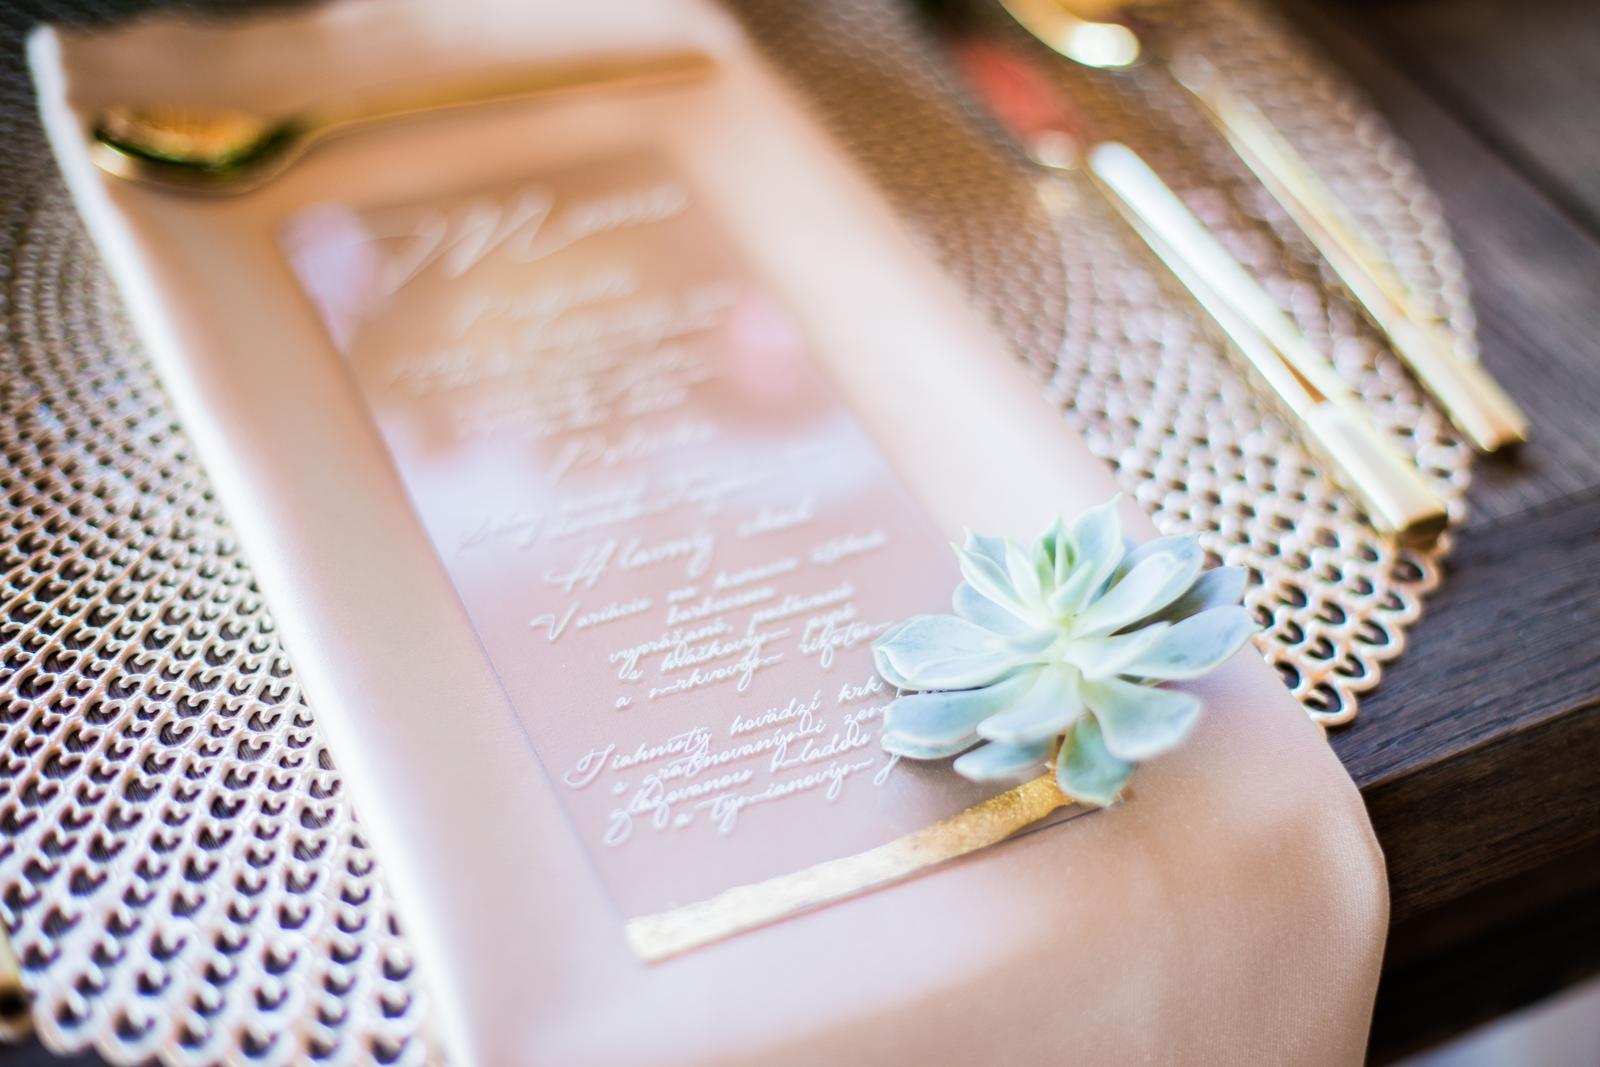 Originálne svadobné tlačoviny na transparentnom plaste doplnené plátkovým zlatom - Obrázok č. 1